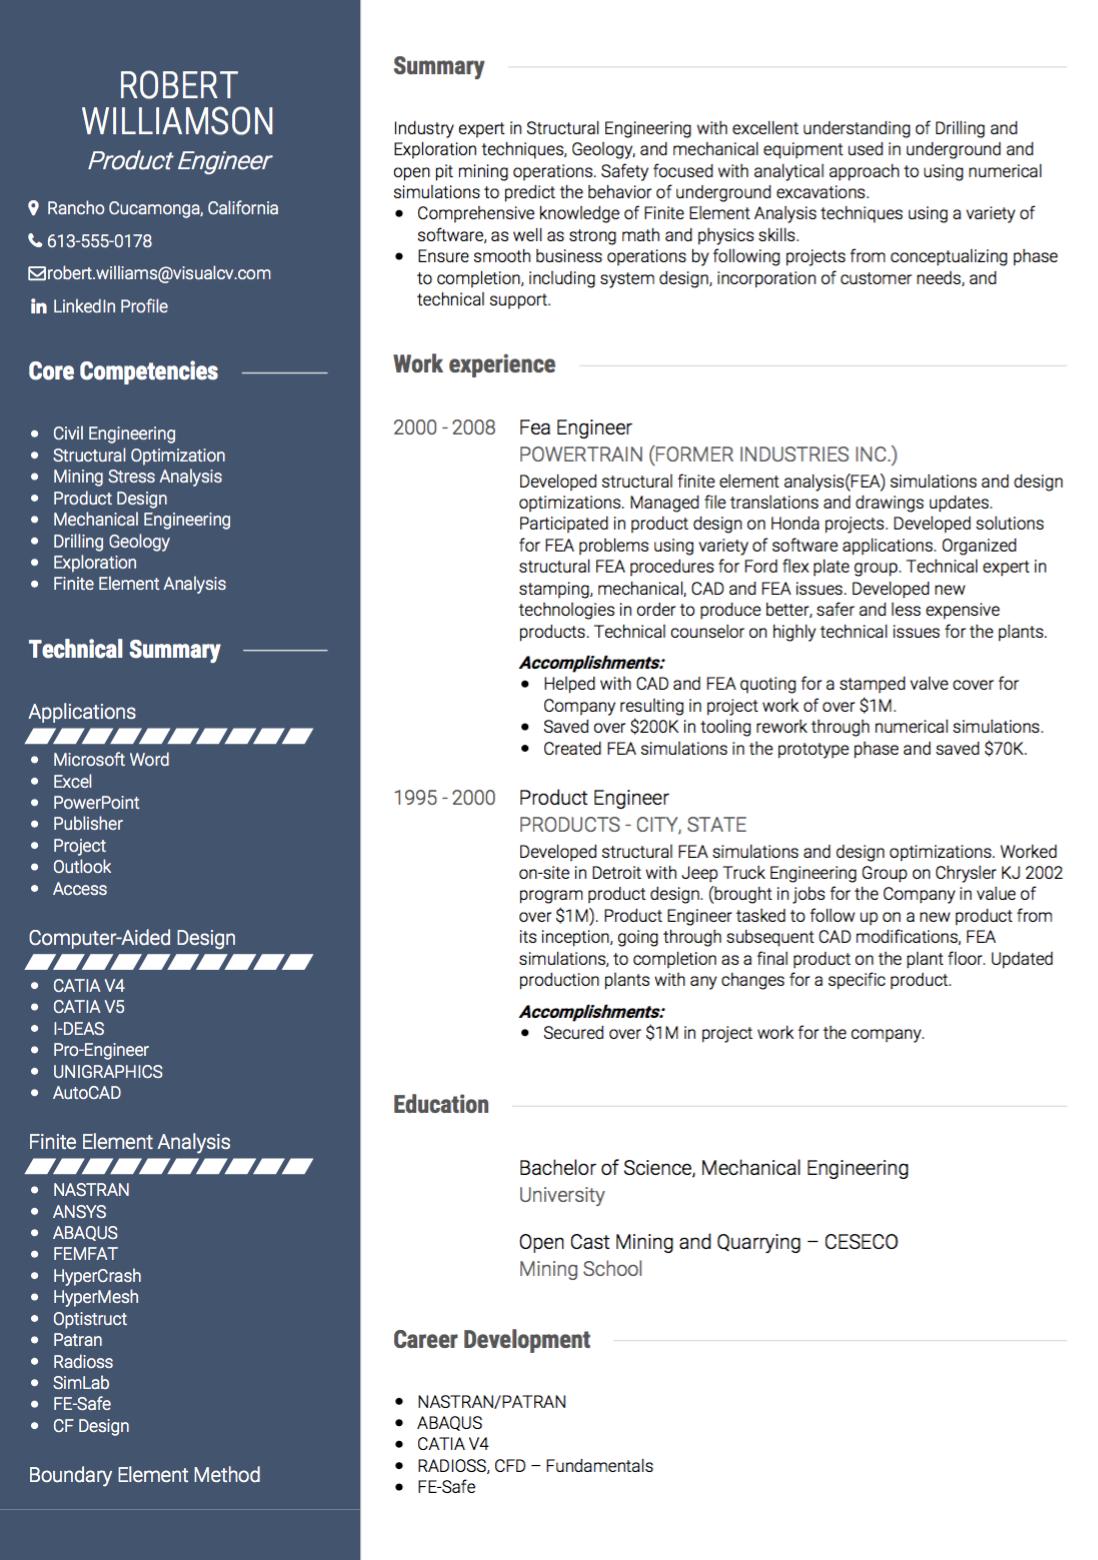 USA CV Image